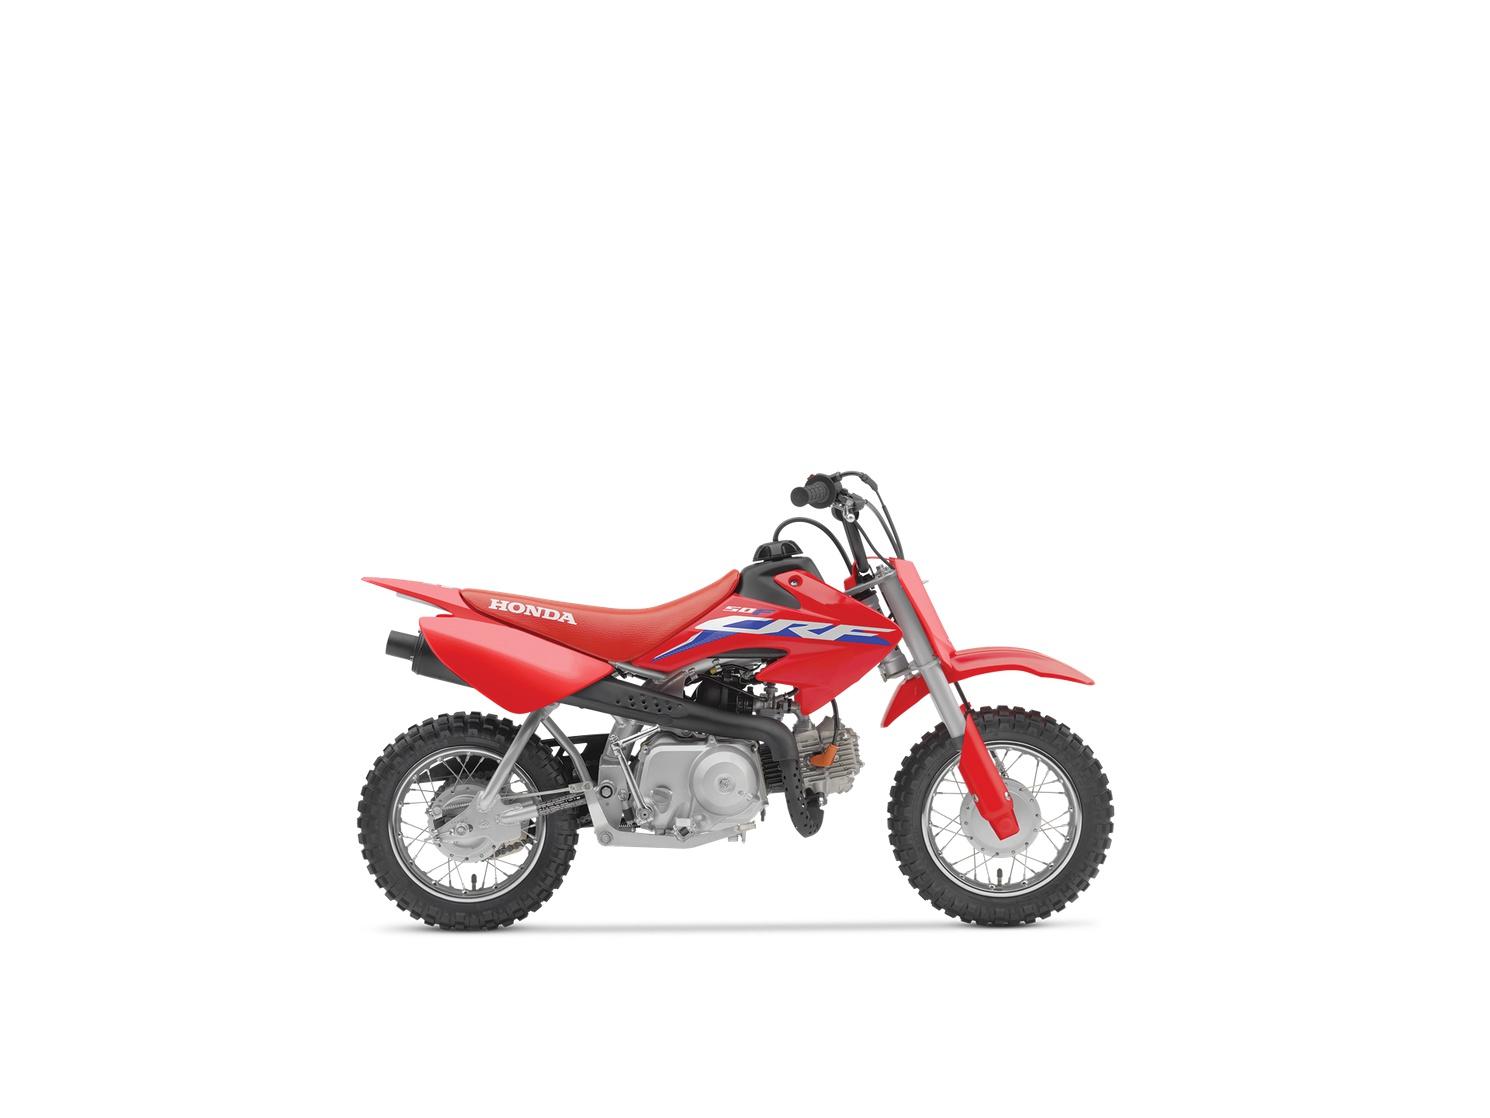 2022 Honda crf 50